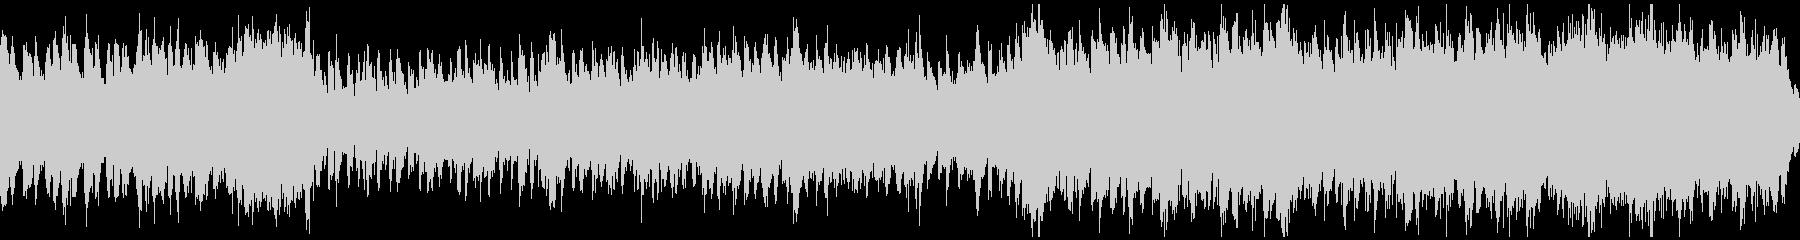 激しいドラマのオーケストラ曲(ループ)の未再生の波形